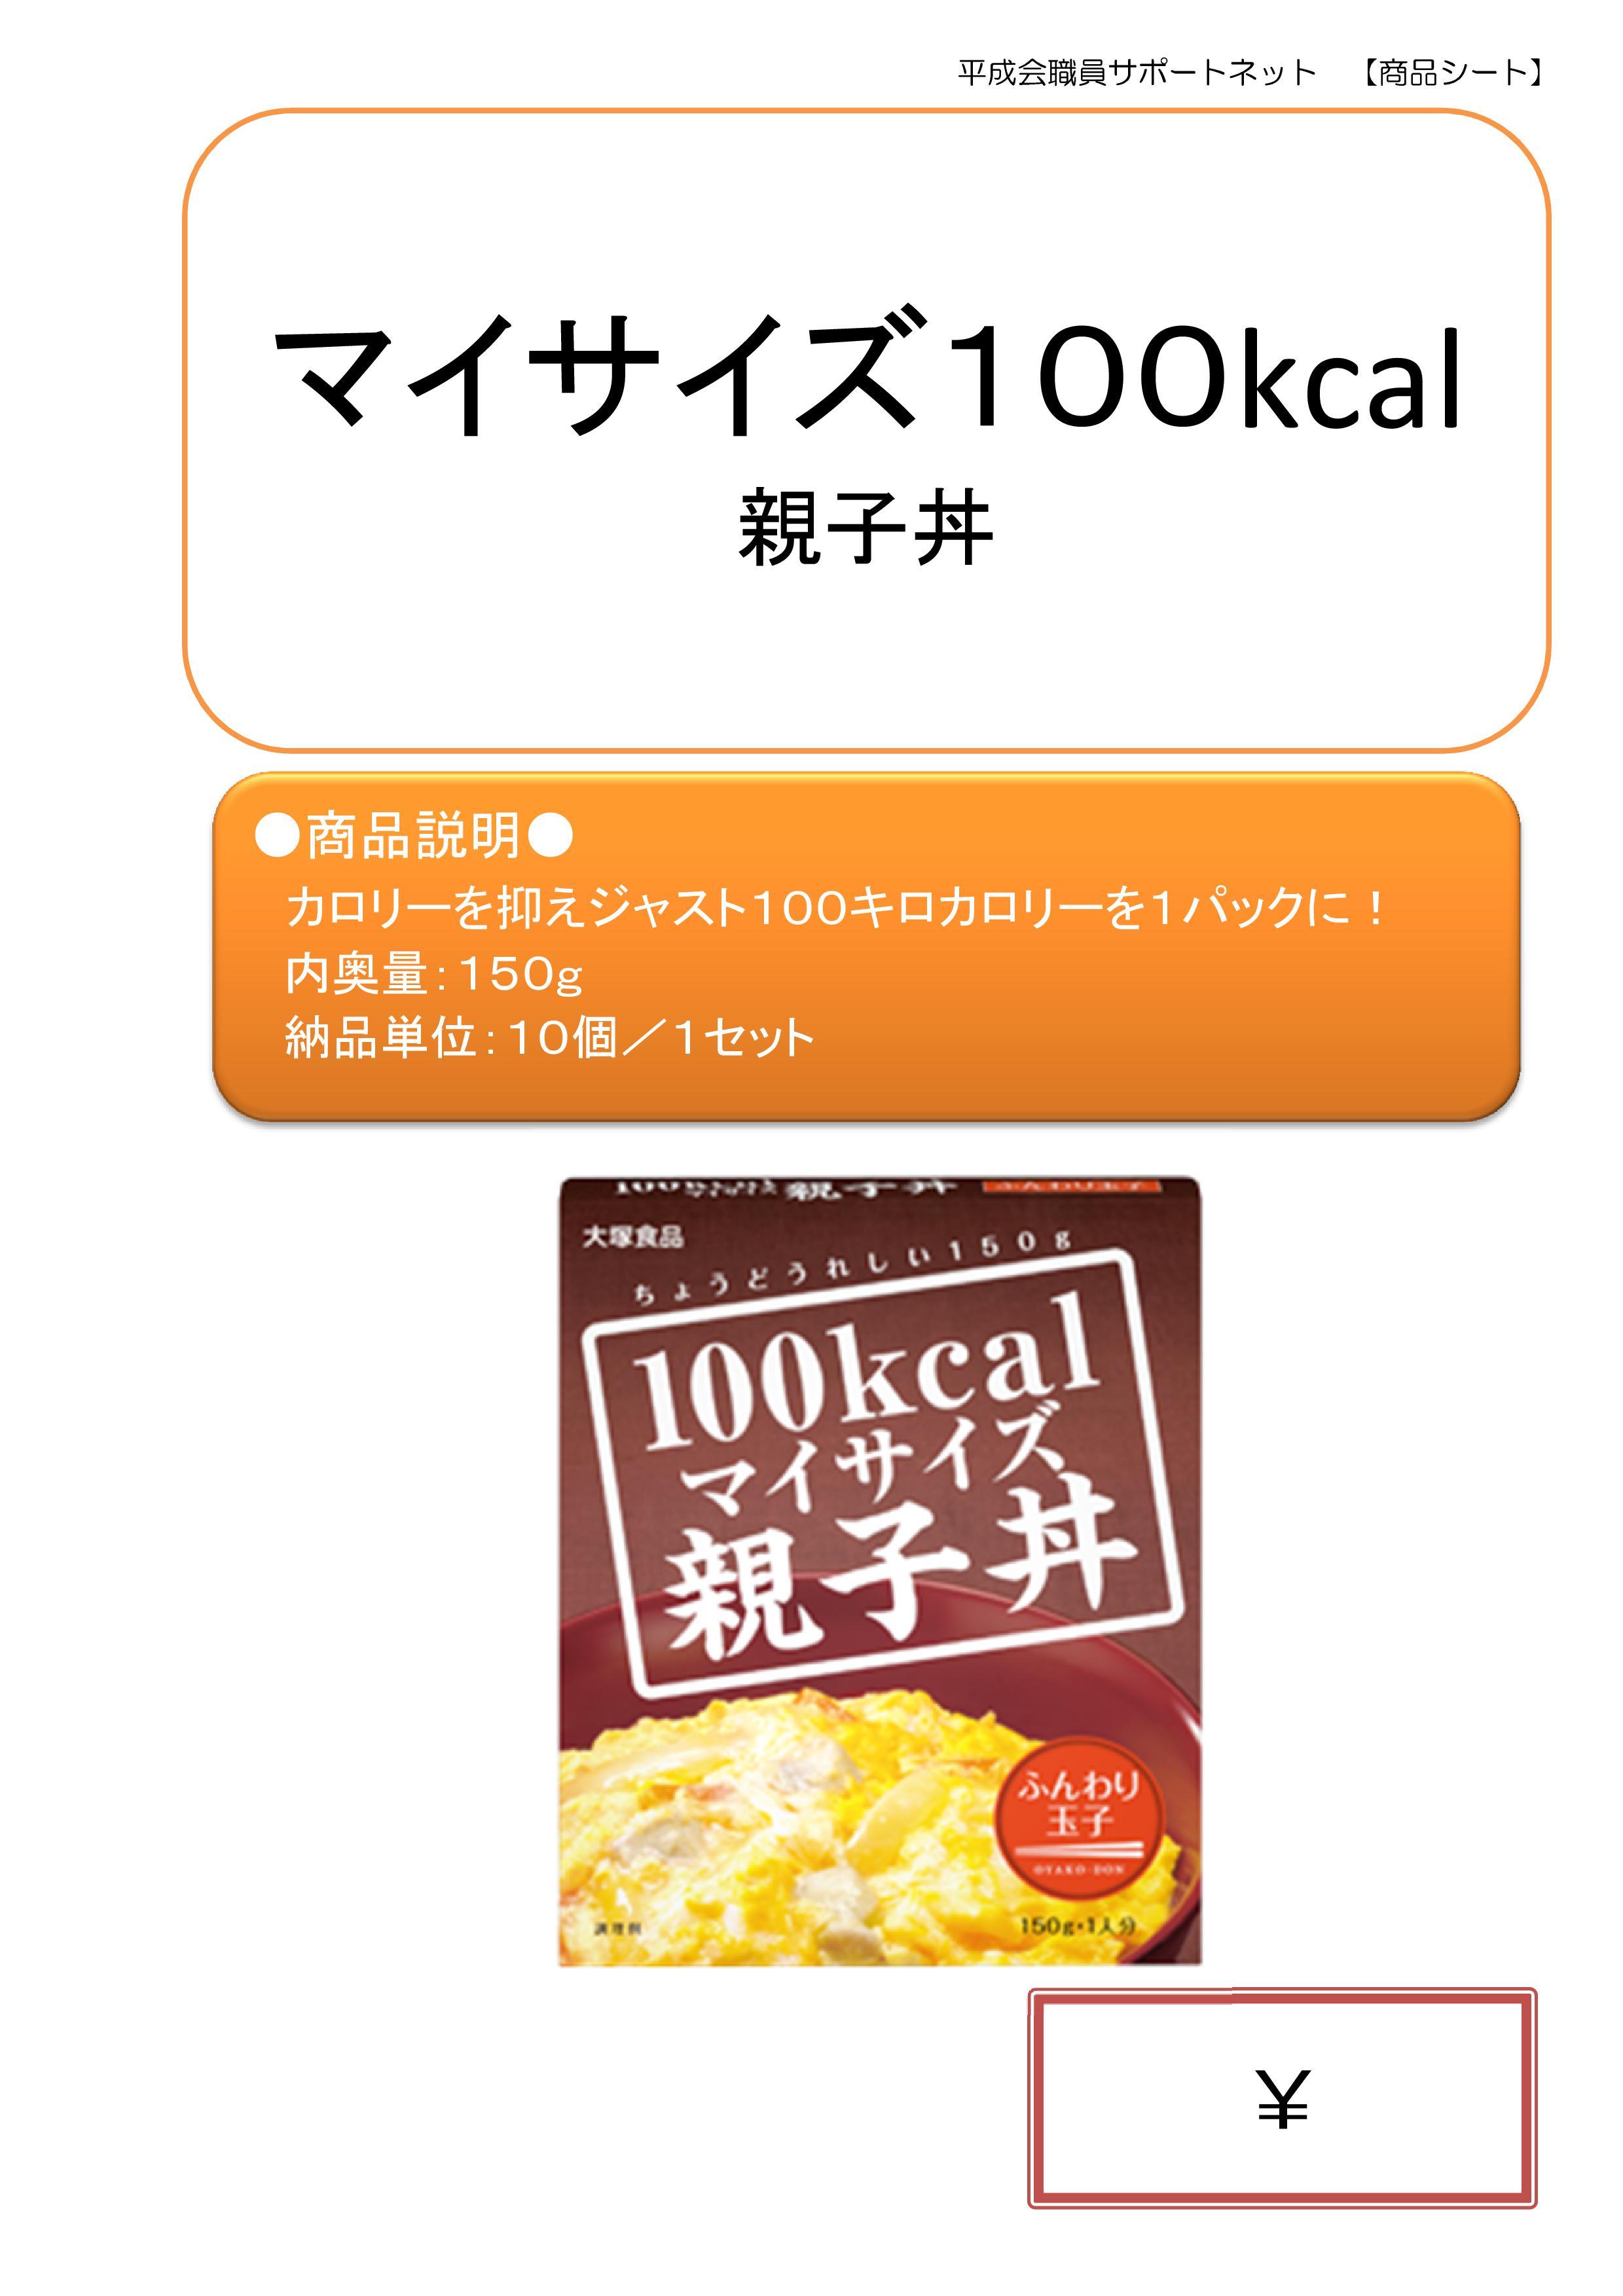 マイサイズ100kcal(親子丼)